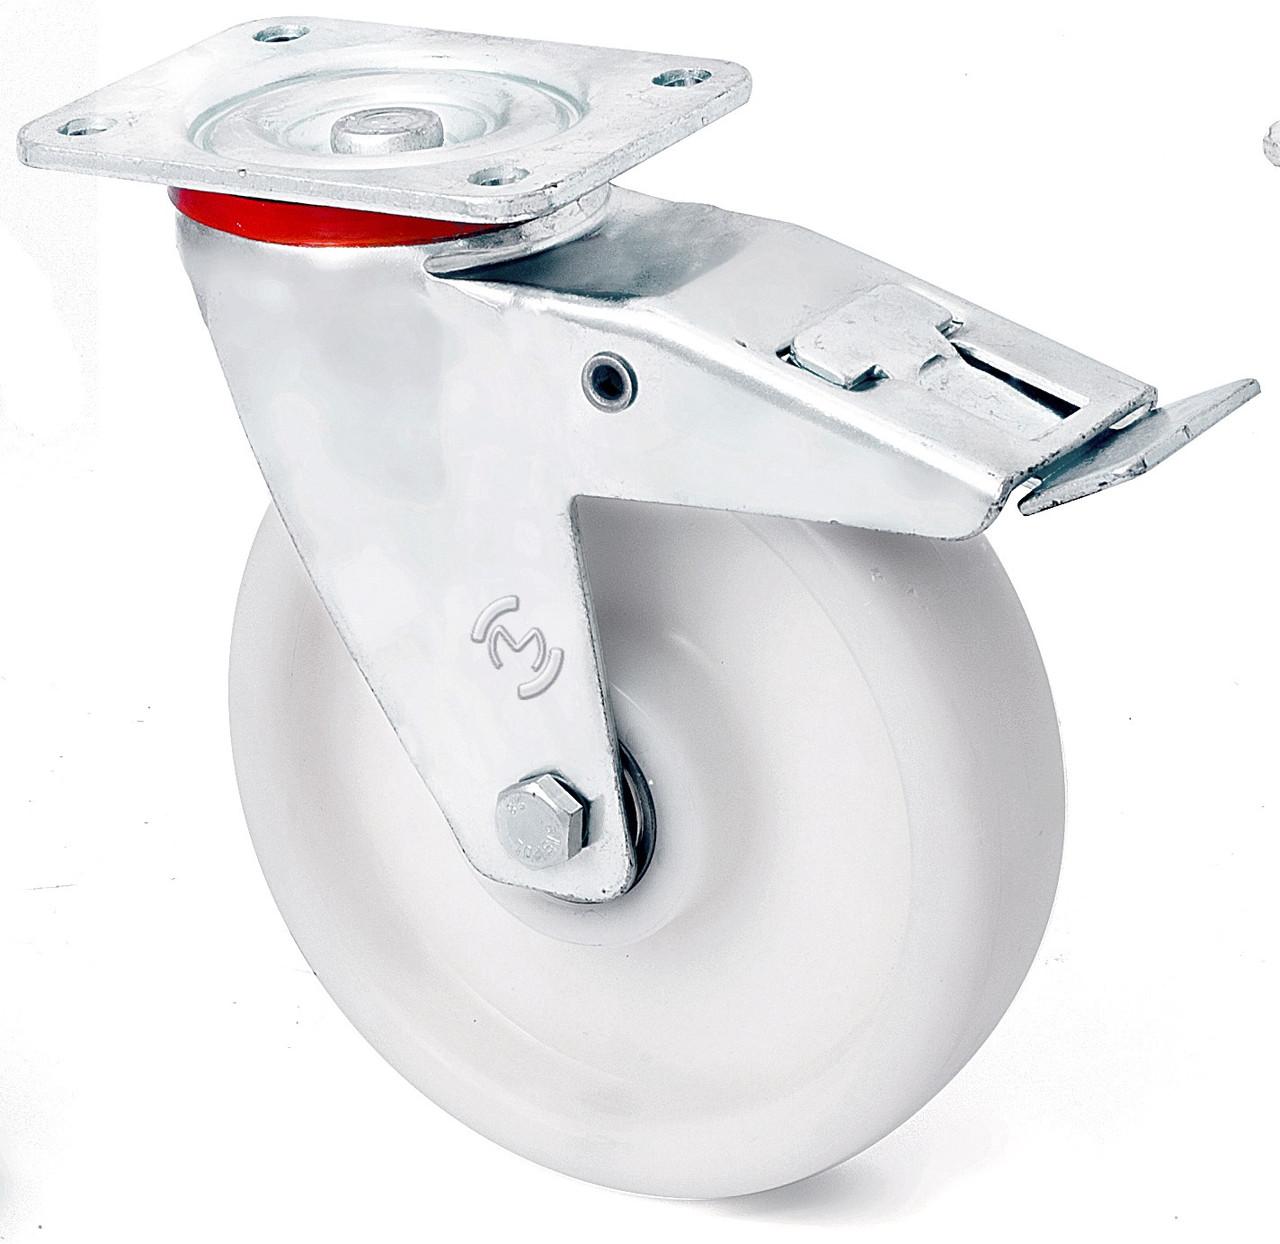 Поворотные большегрузные колеса из полипропилена с тормозом 2304-ST-100-B